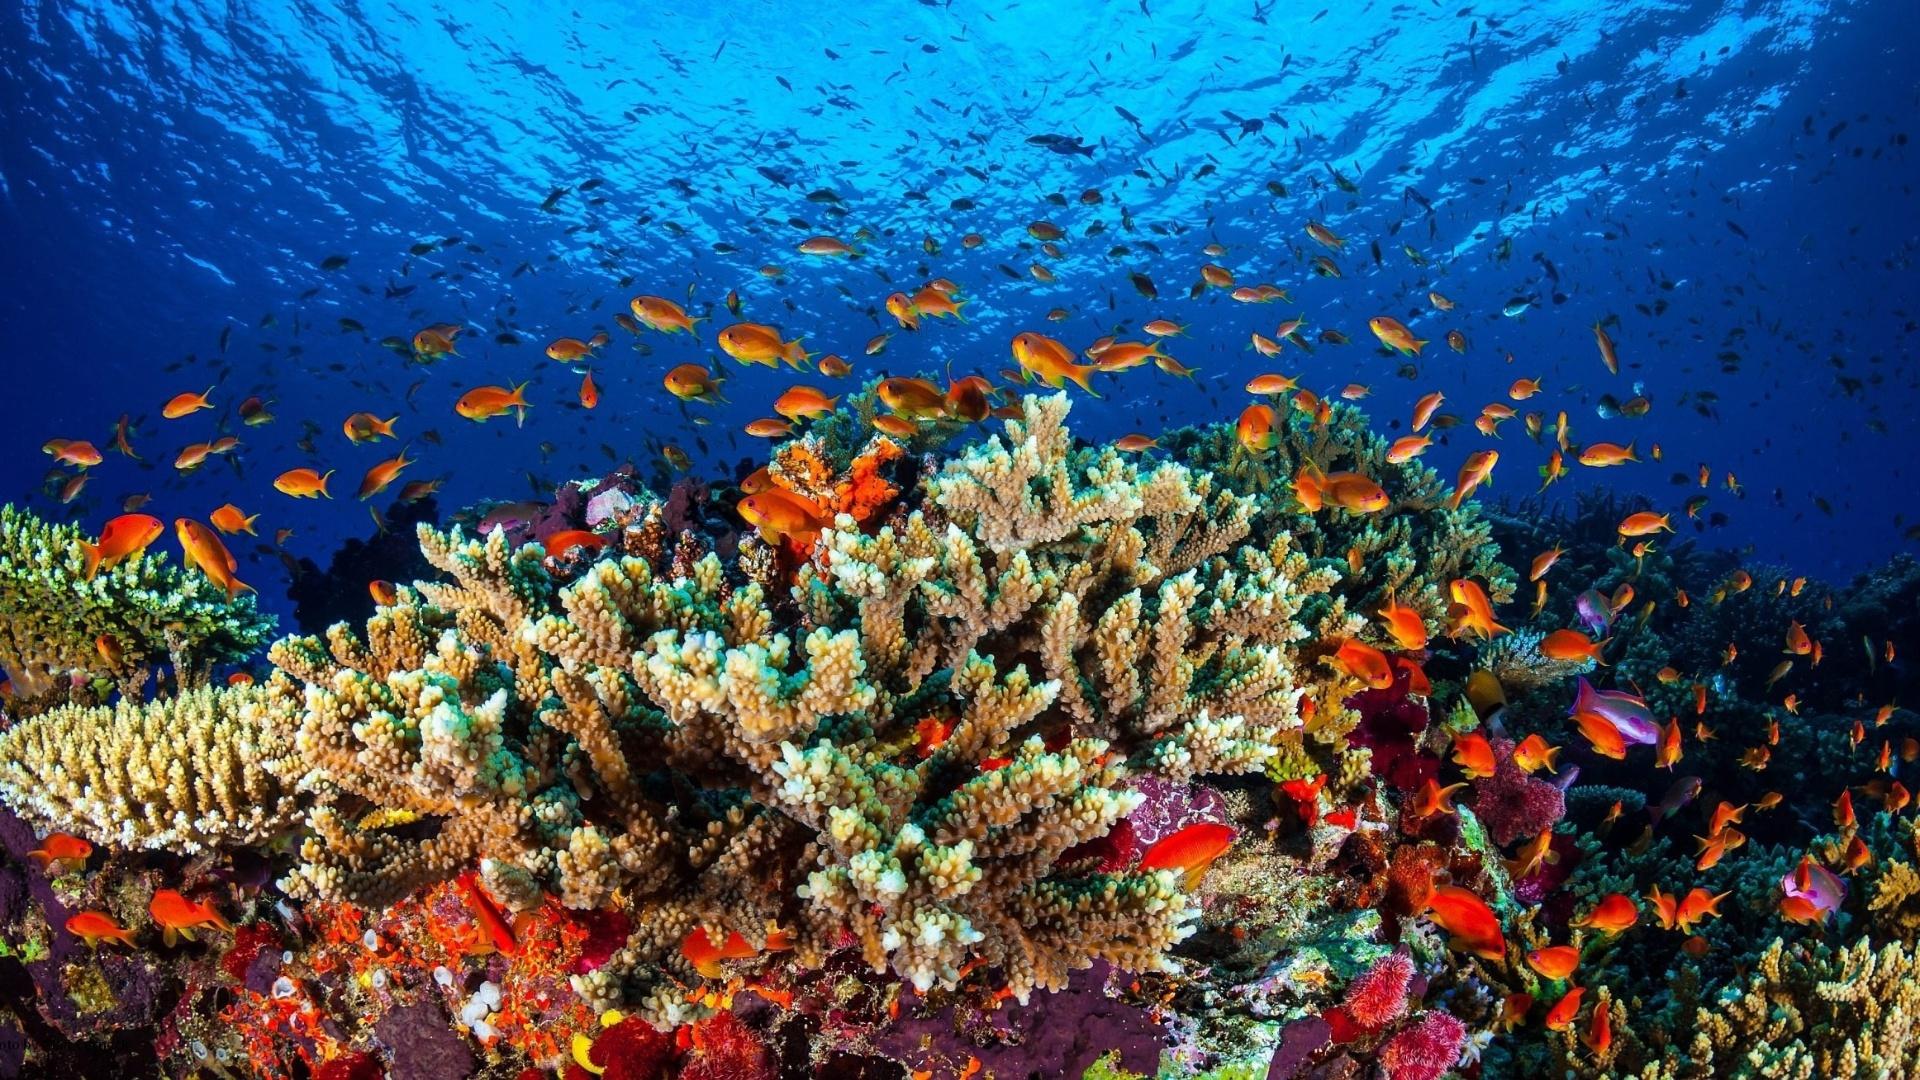 Grande Barreira de Corais está mais ameaçada do que se pensava - 23/02/2016  - UOL Notícias